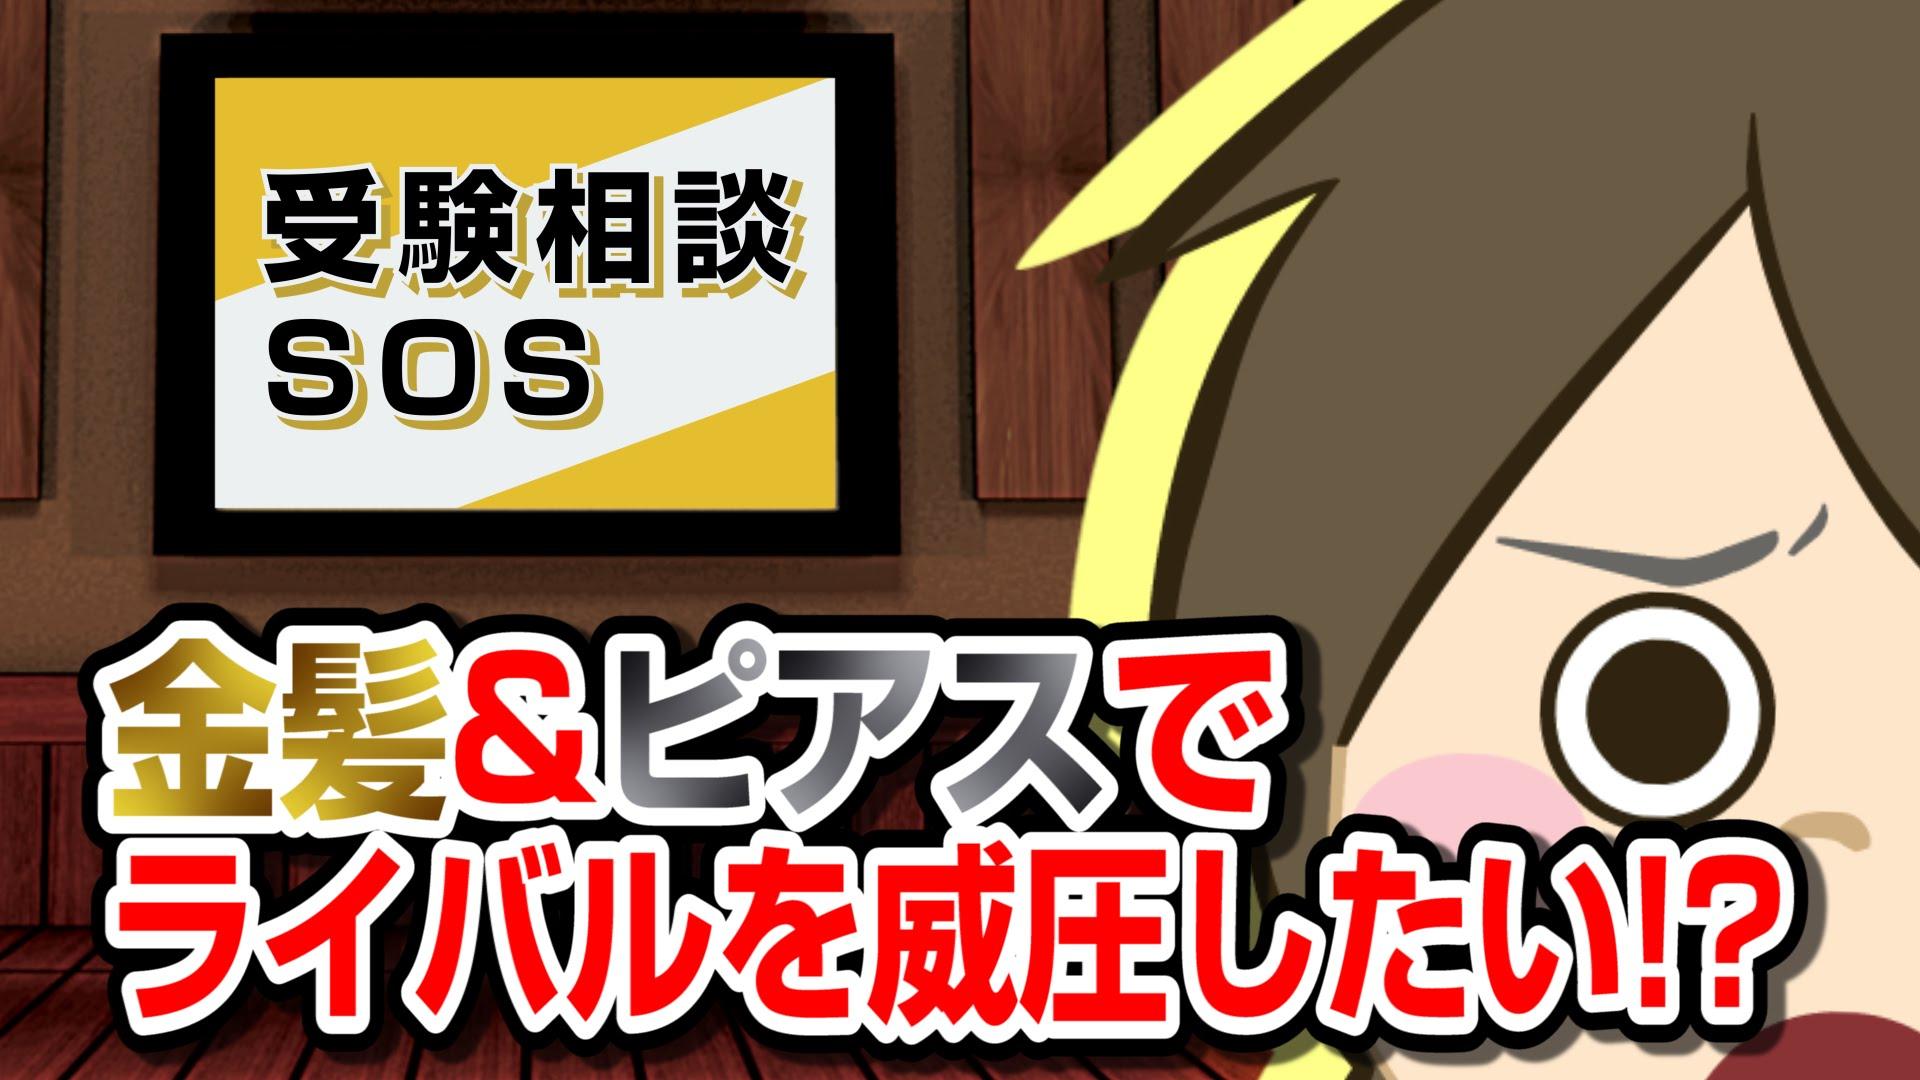 【vol.93】金髪&ピアスでライバルを威圧!? 受験相談SOS